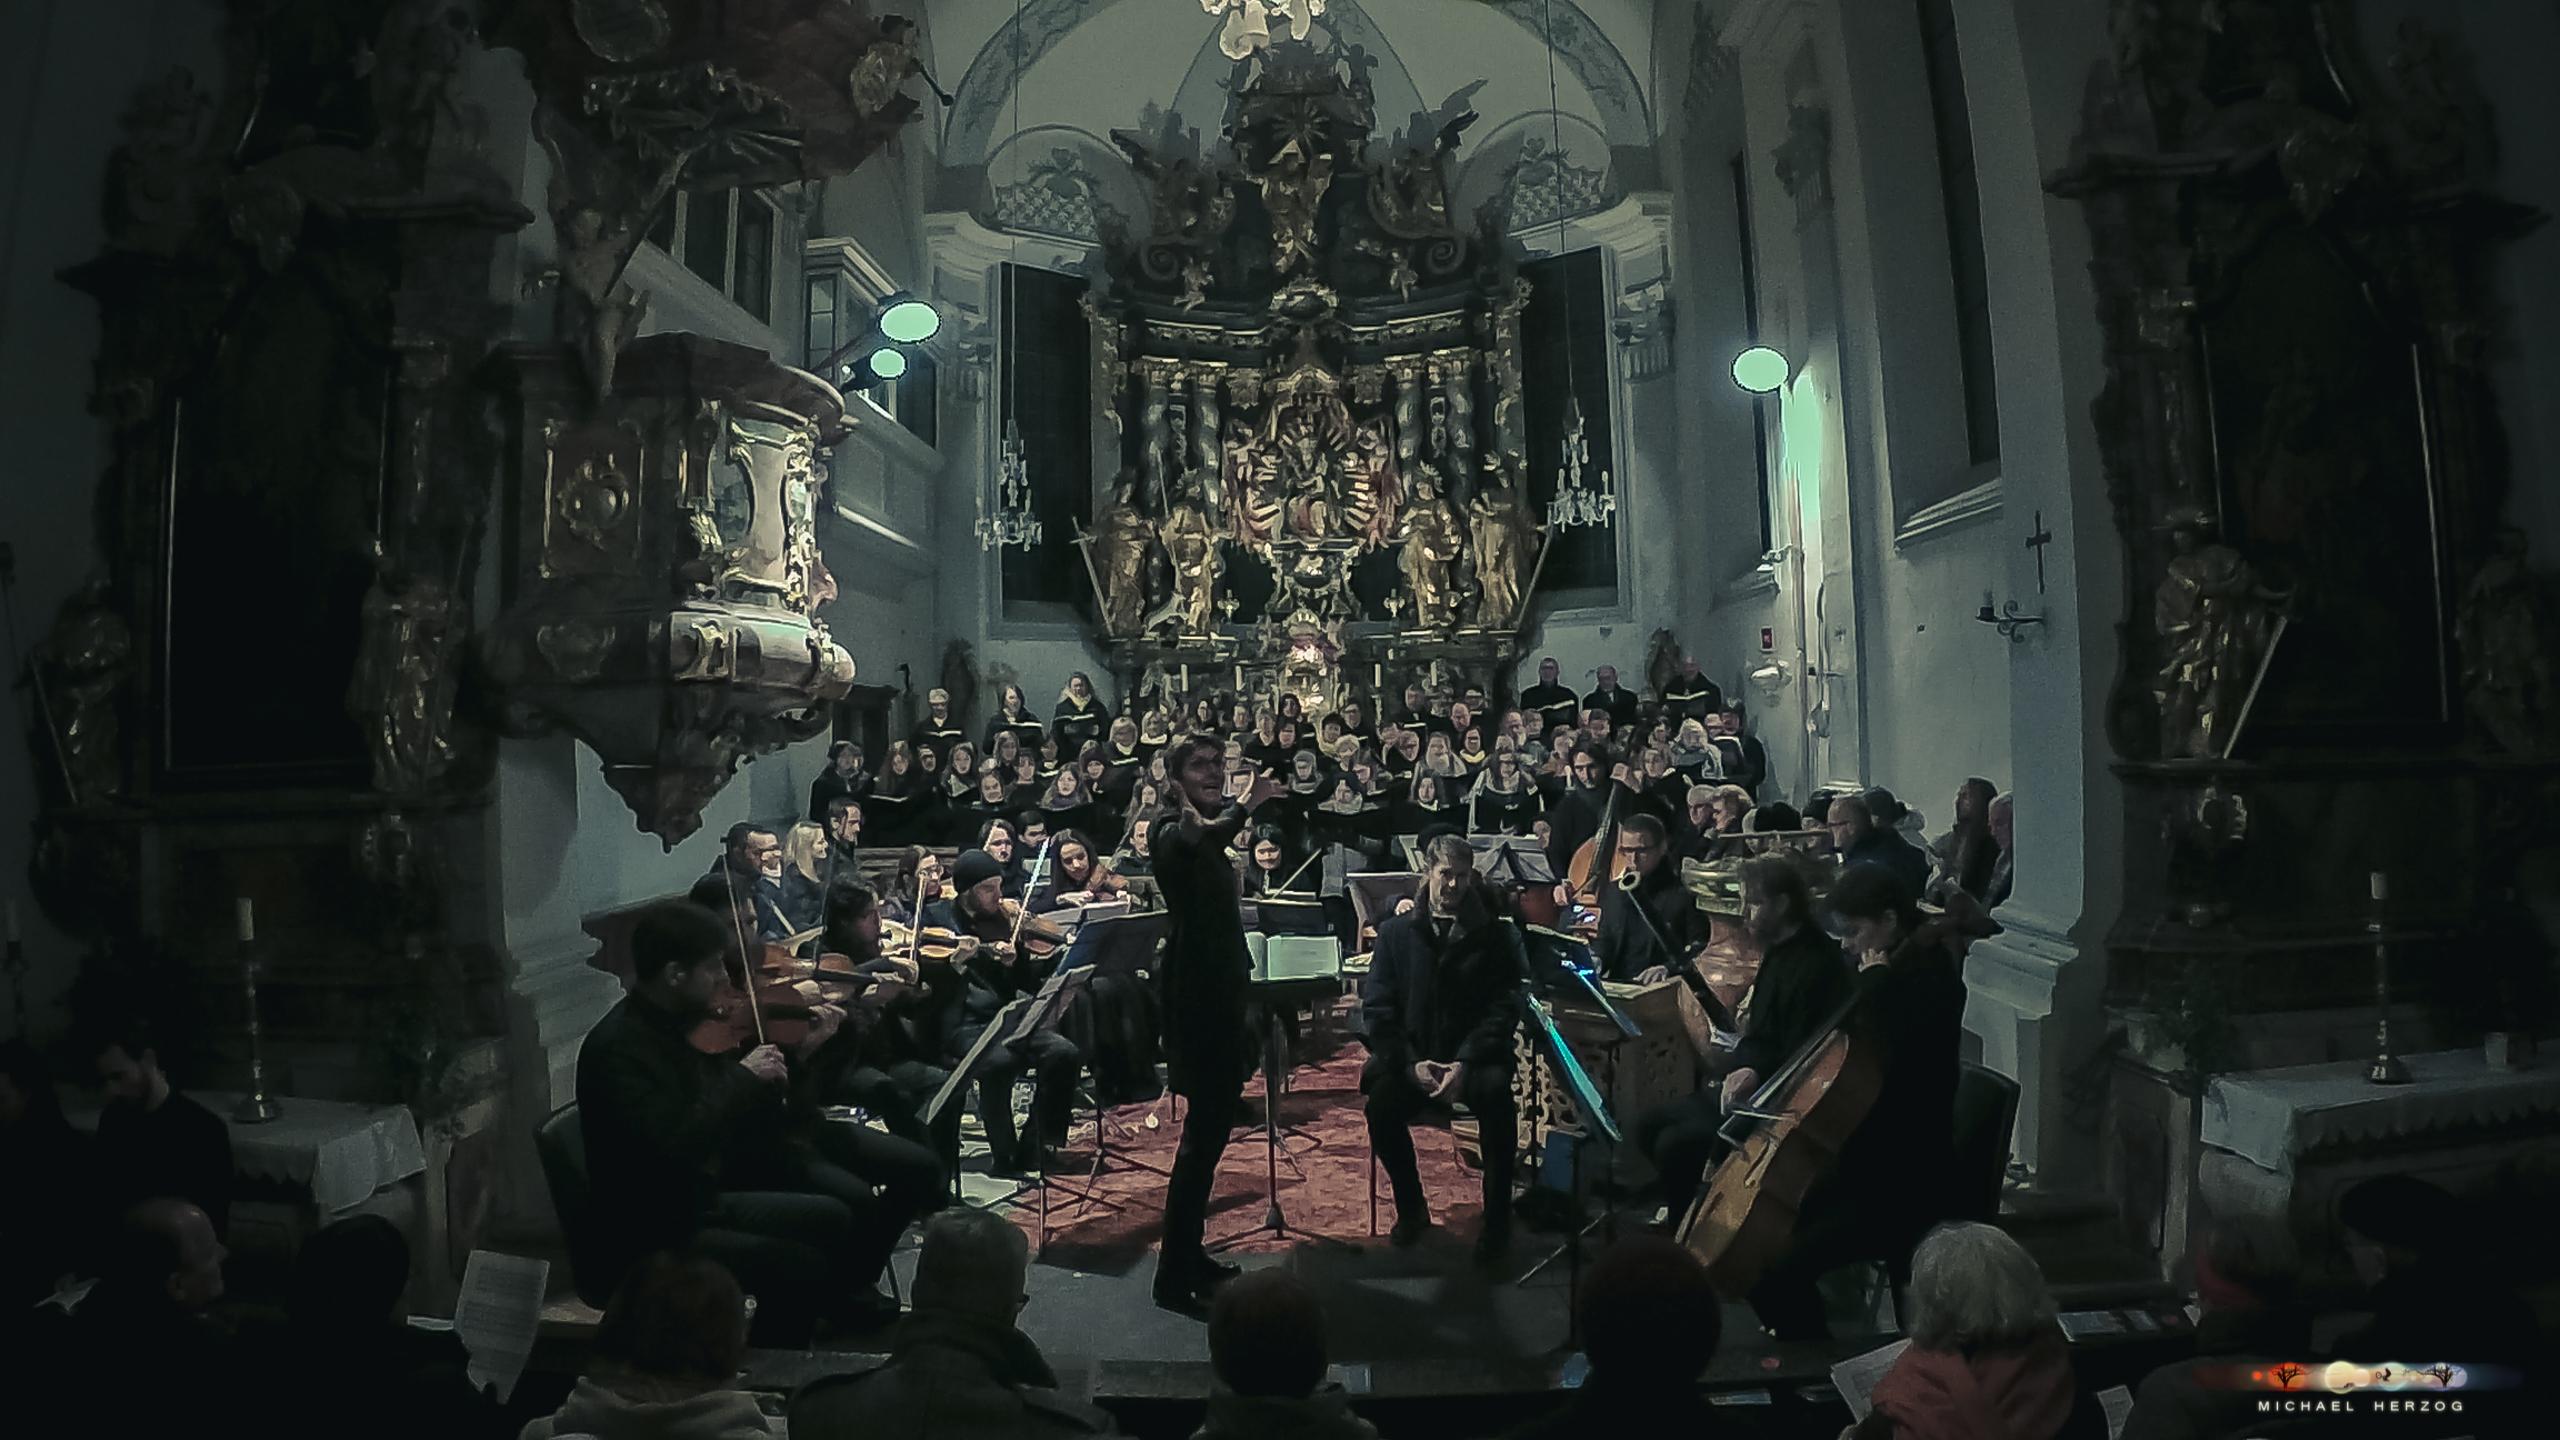 SternStundenArnsdorf_Weihnachtsoratorium_Screenshot_MichaelHerzog-15.jpg